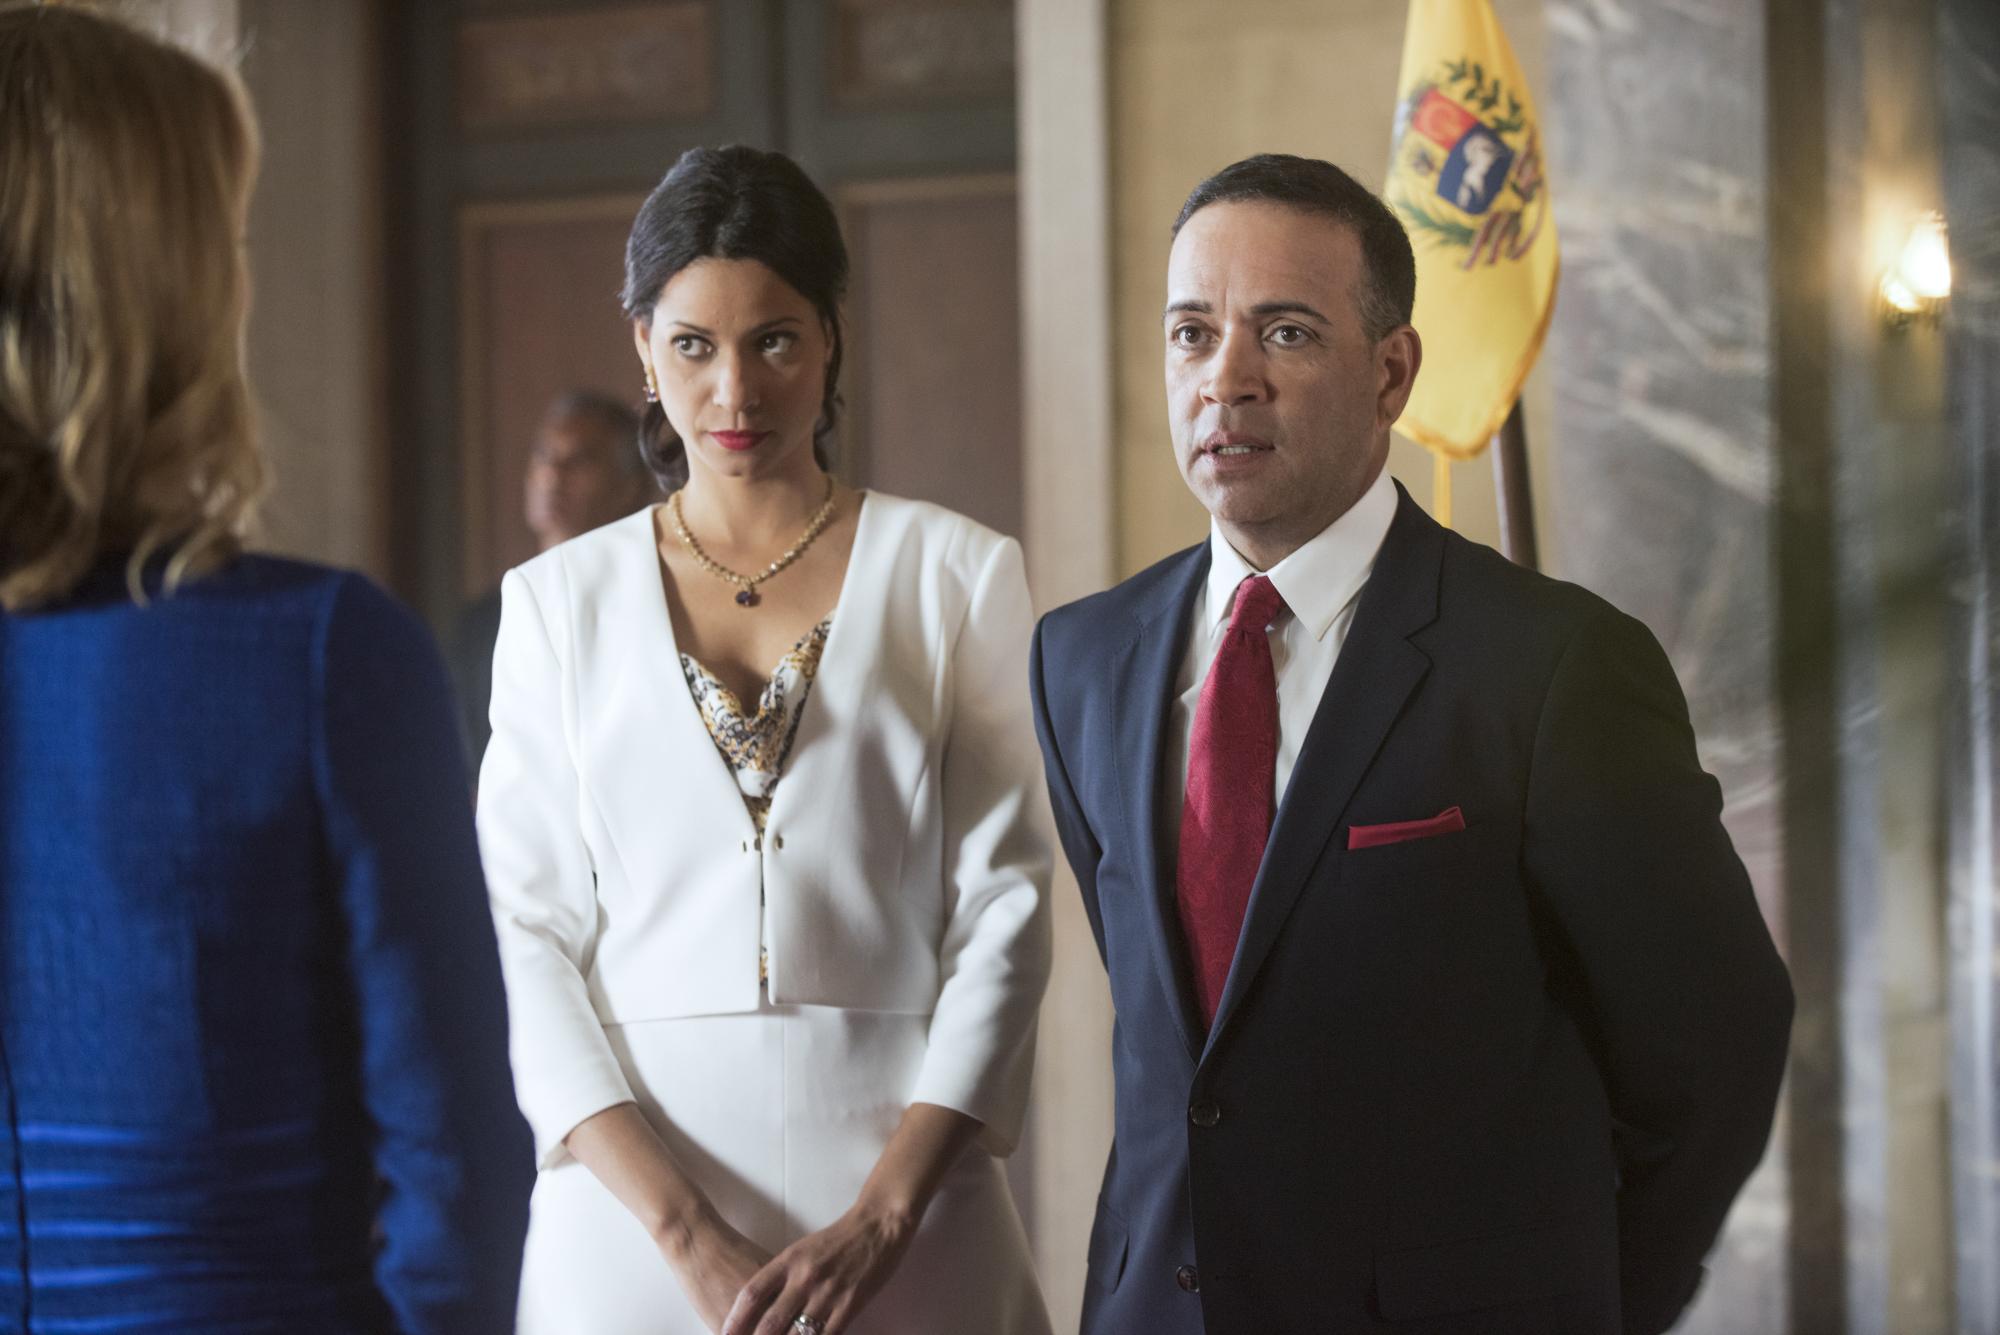 Luis Antonio Ramos as Venzuelan President Francisco Suarez - S1E11